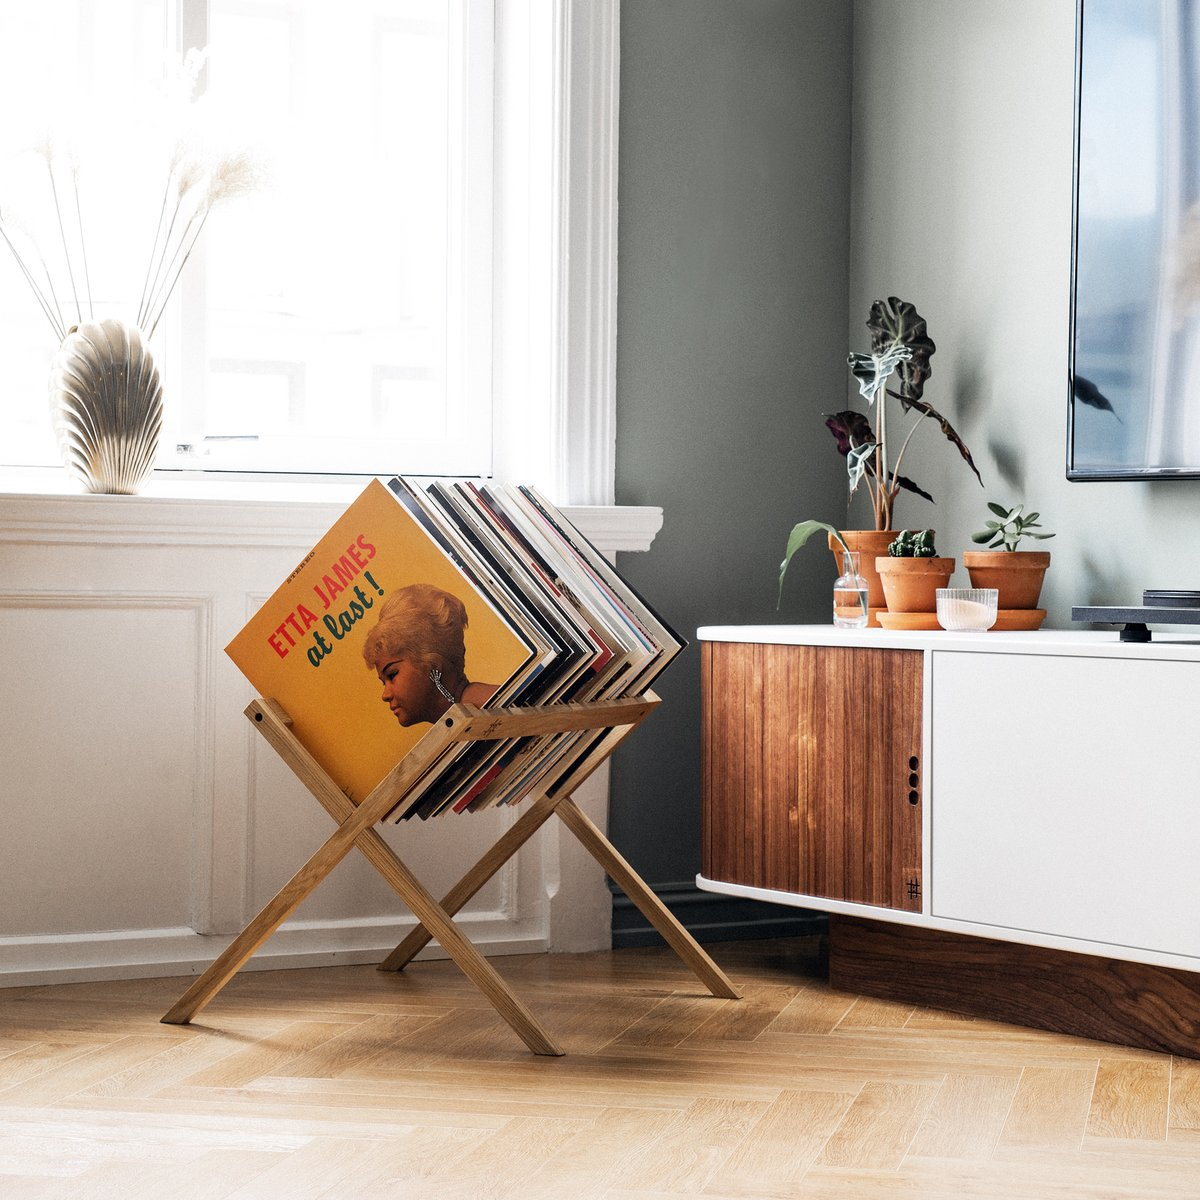 Mueble de madera para discos de vinilo